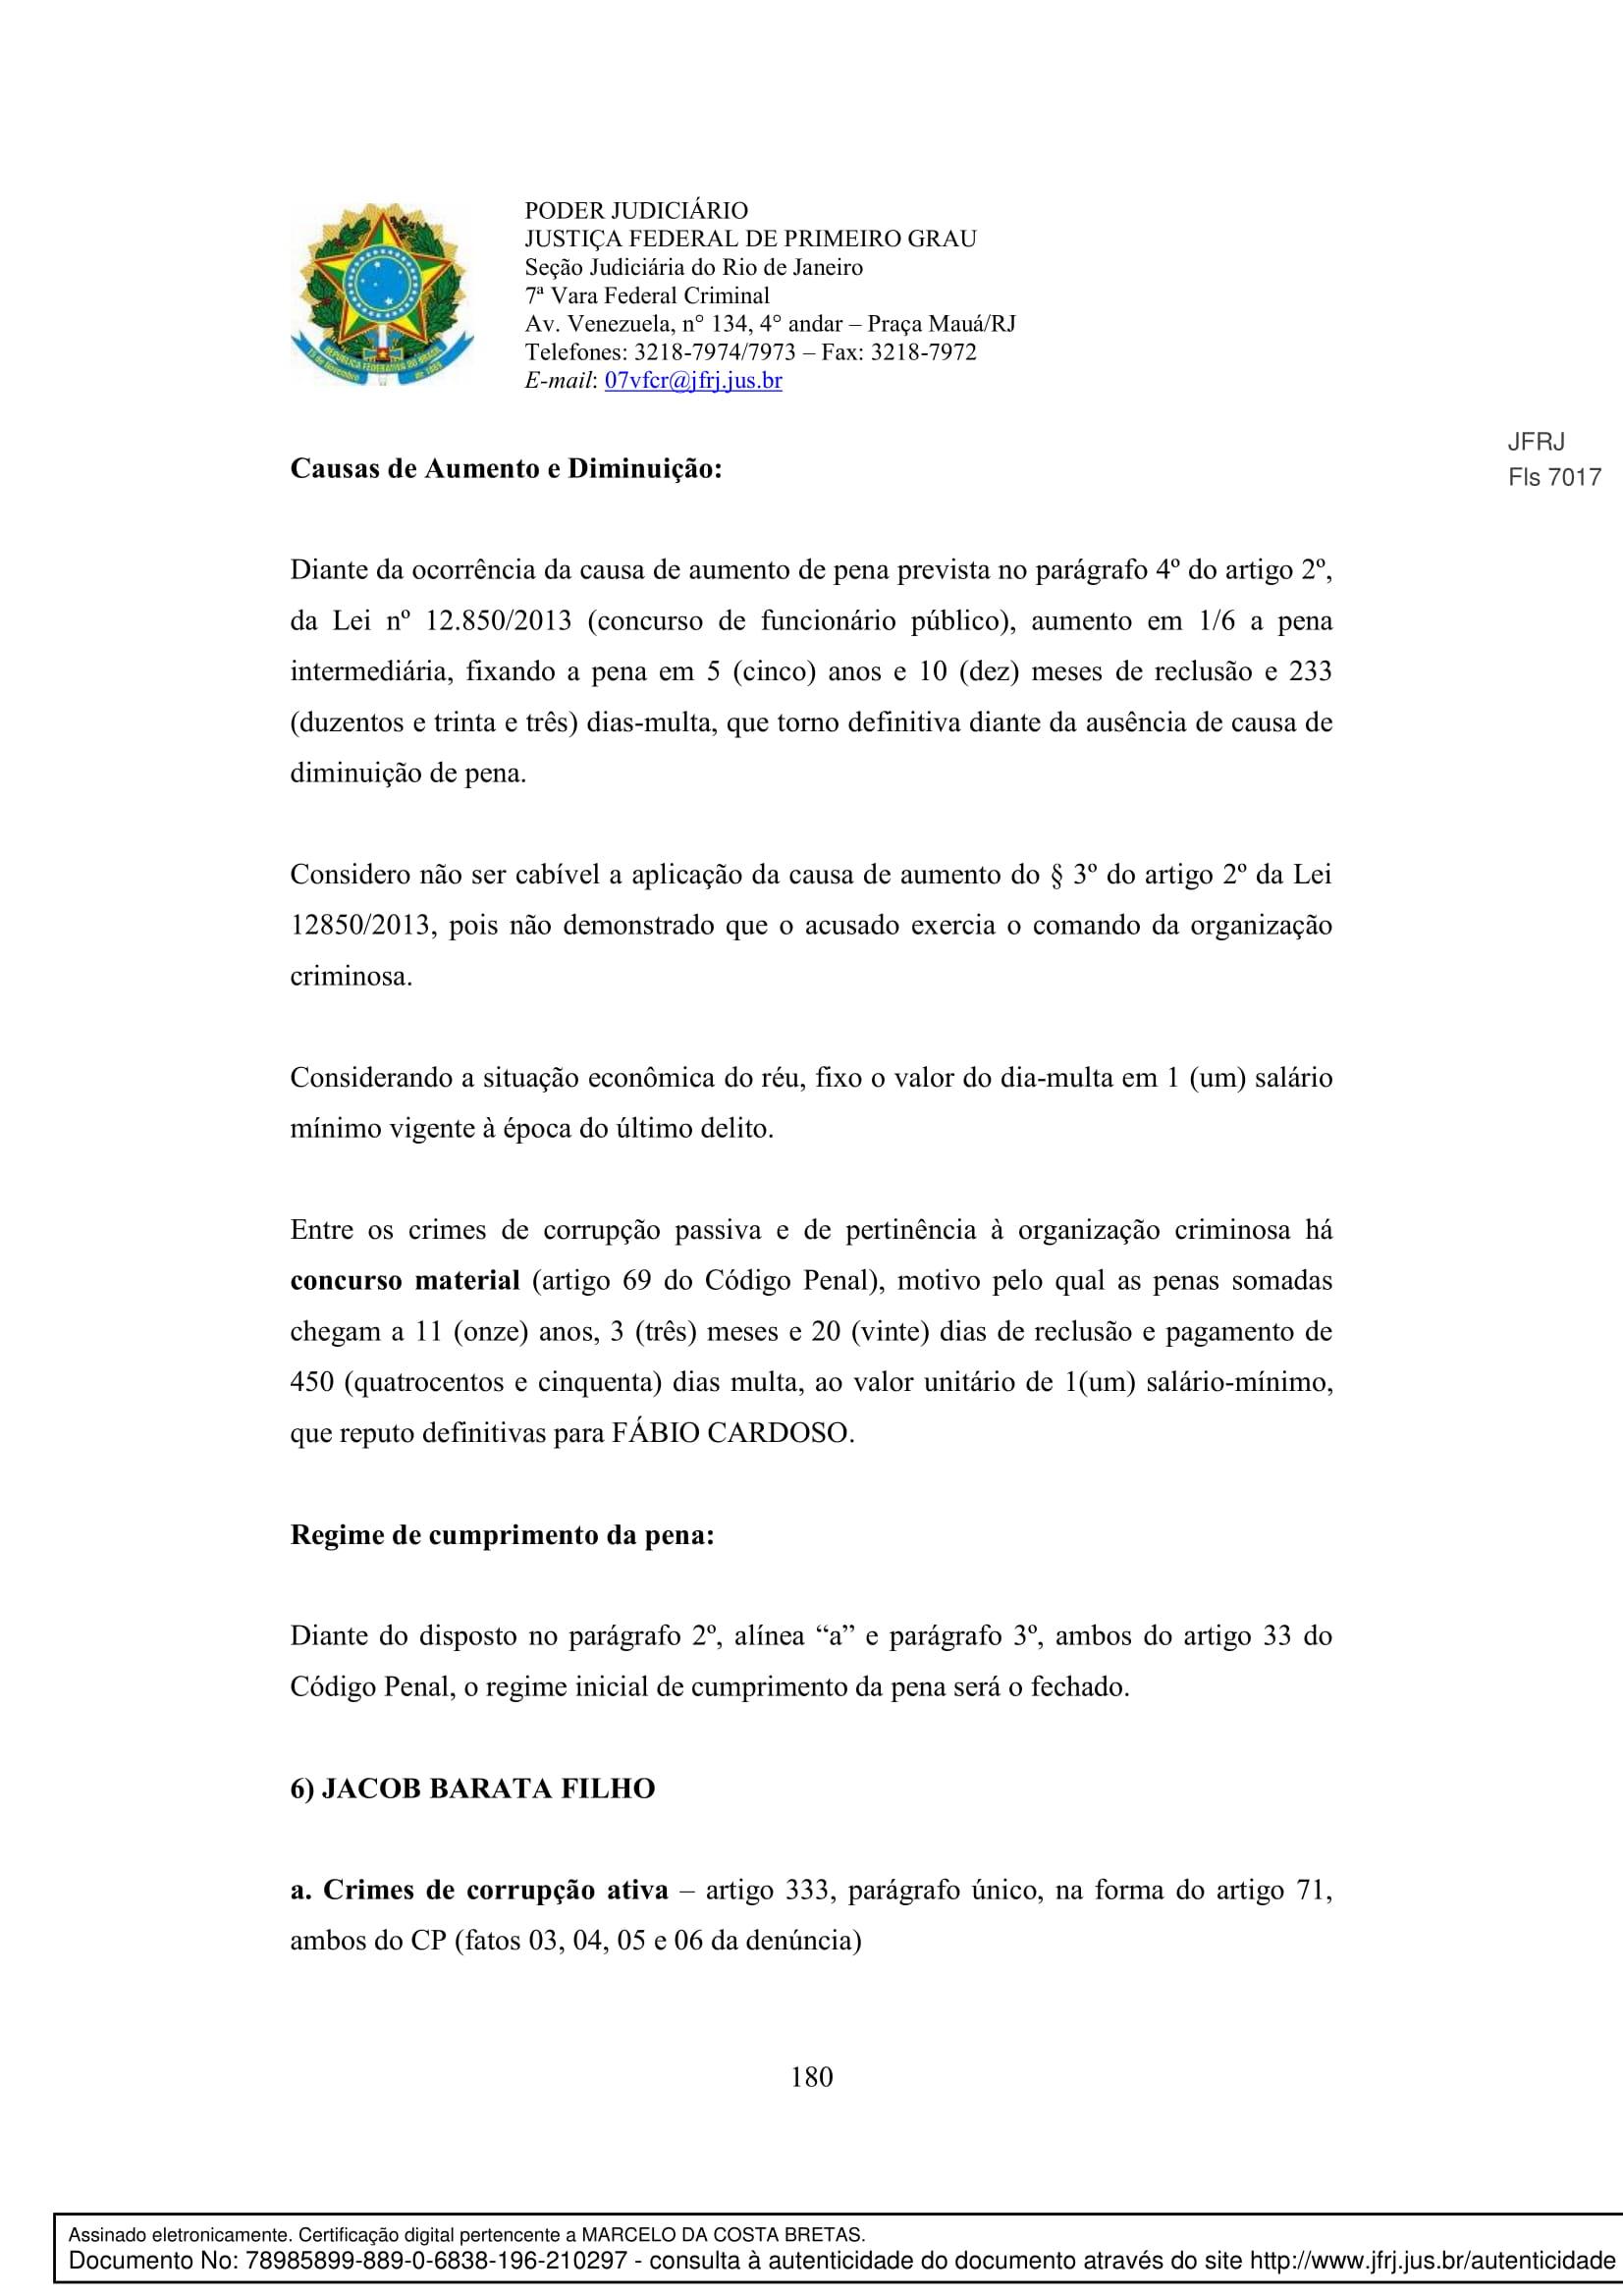 Sentenca-Cadeia-Velha-7VFC-180